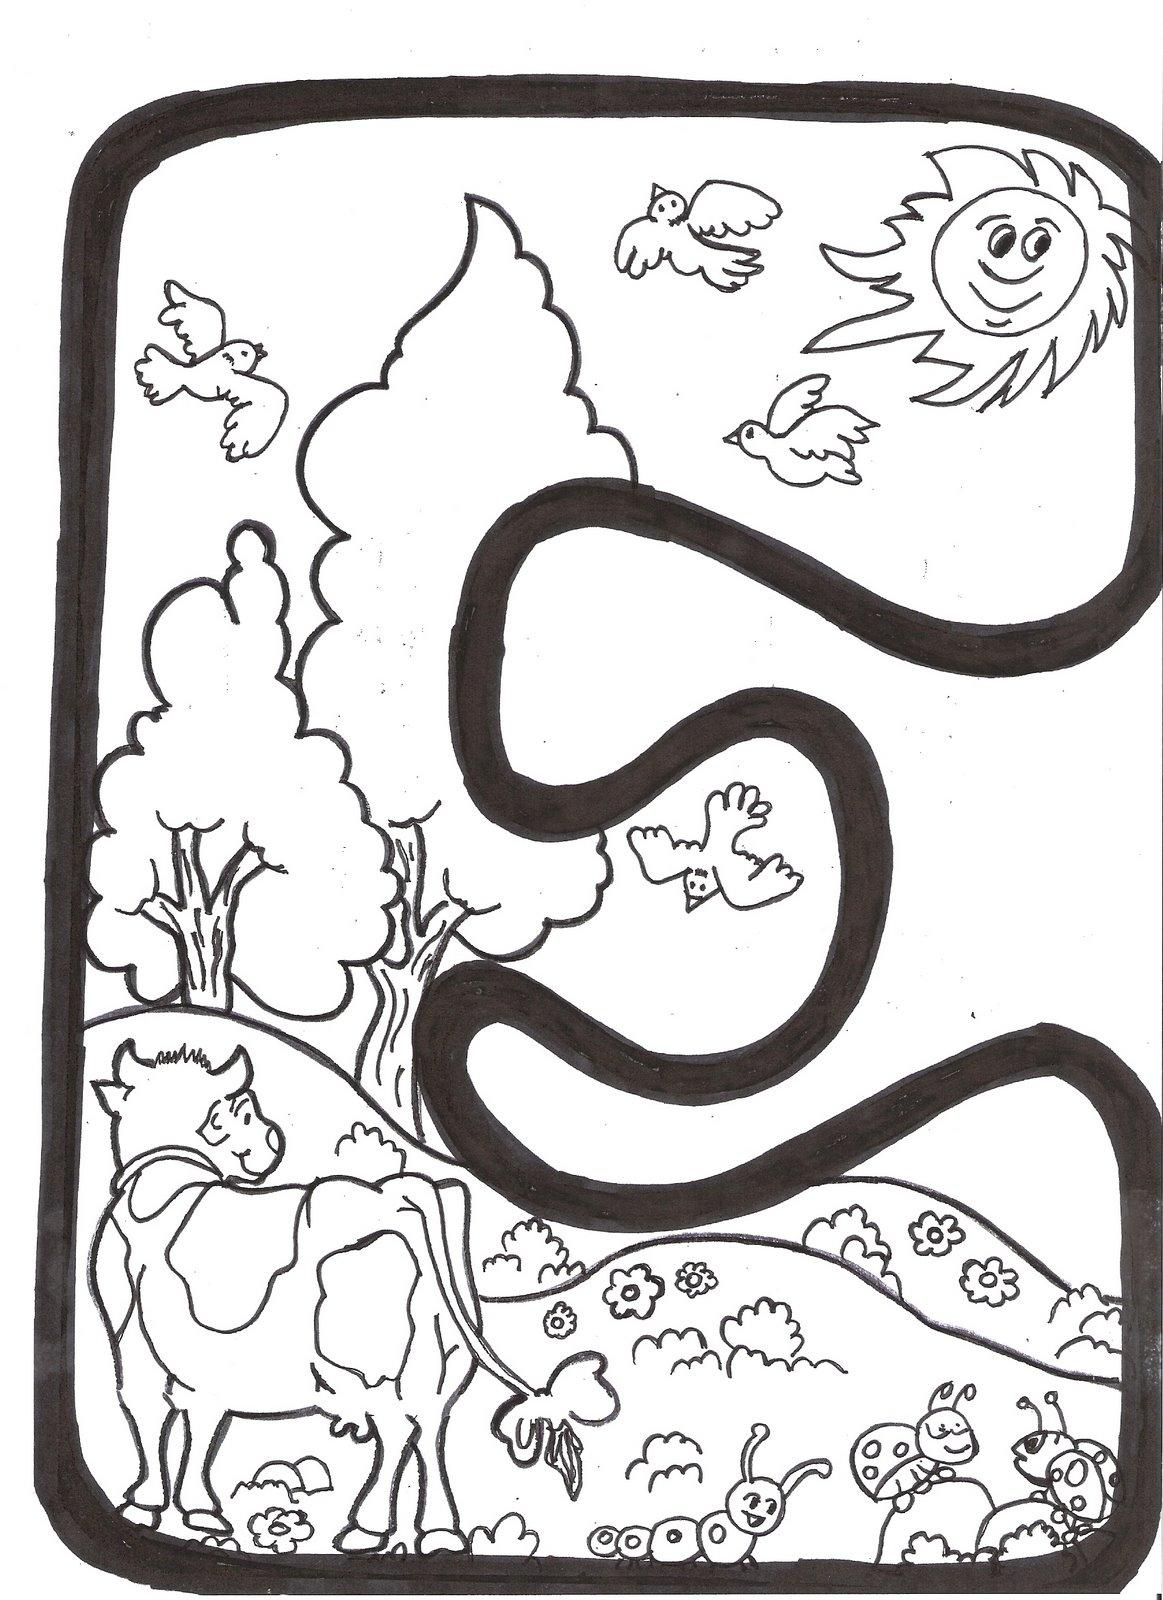 Imágenes de letras bonitas para colorear - Imagui